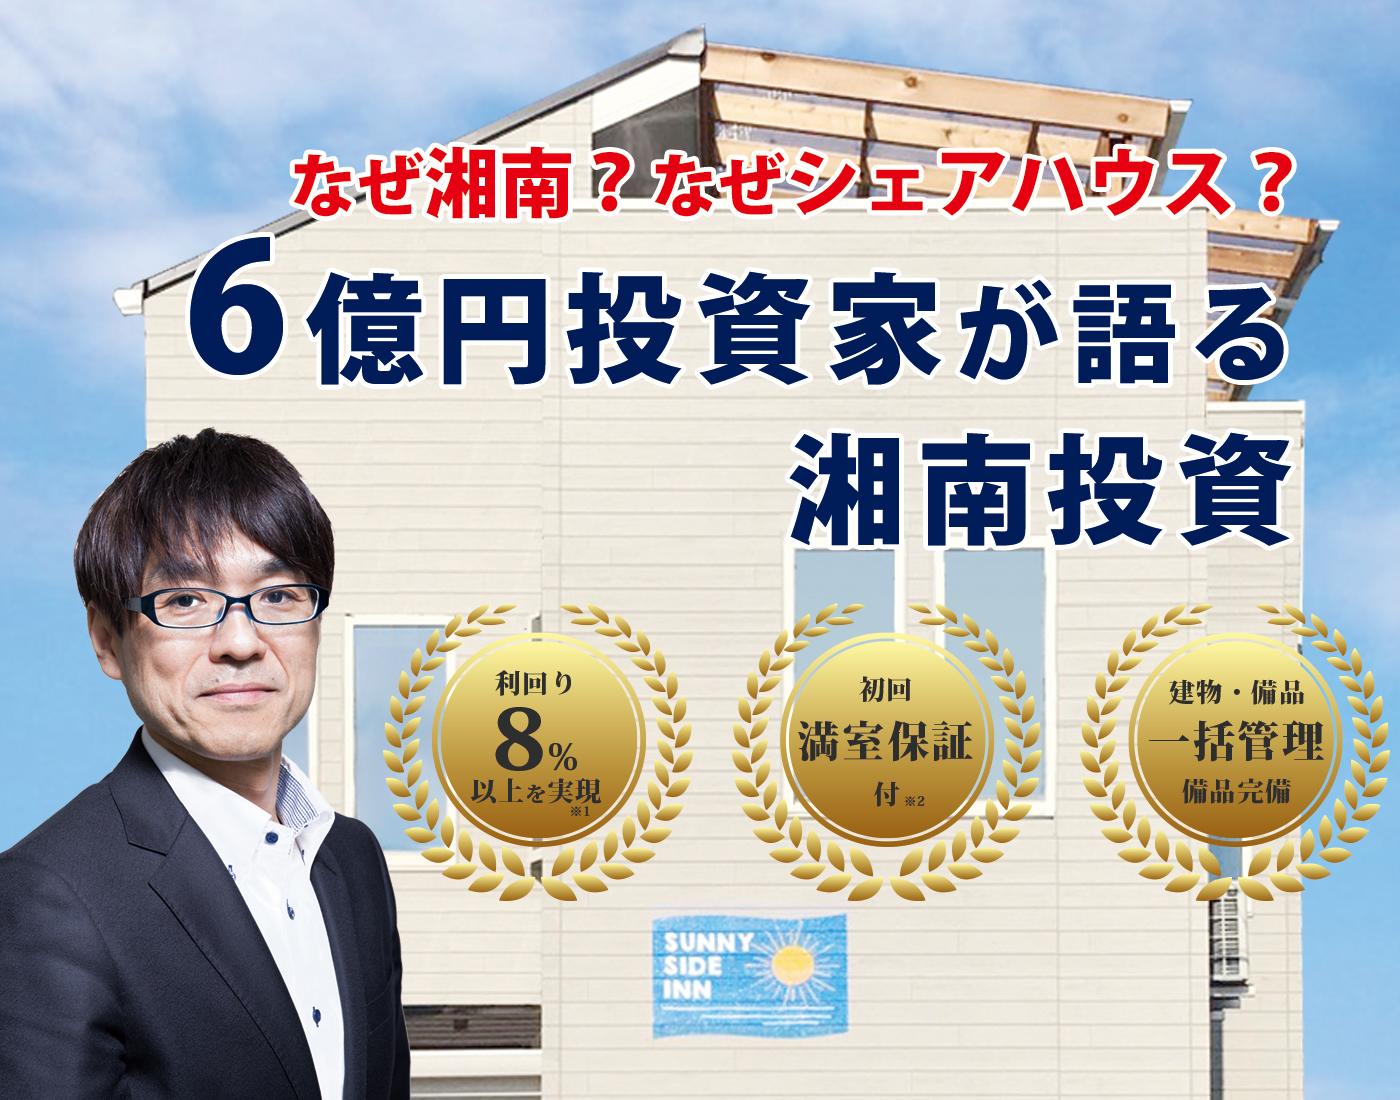 第3回「なぜ湘南?なぜシェアハウス?6億円サラリーマン投資家が語る湘南投資」